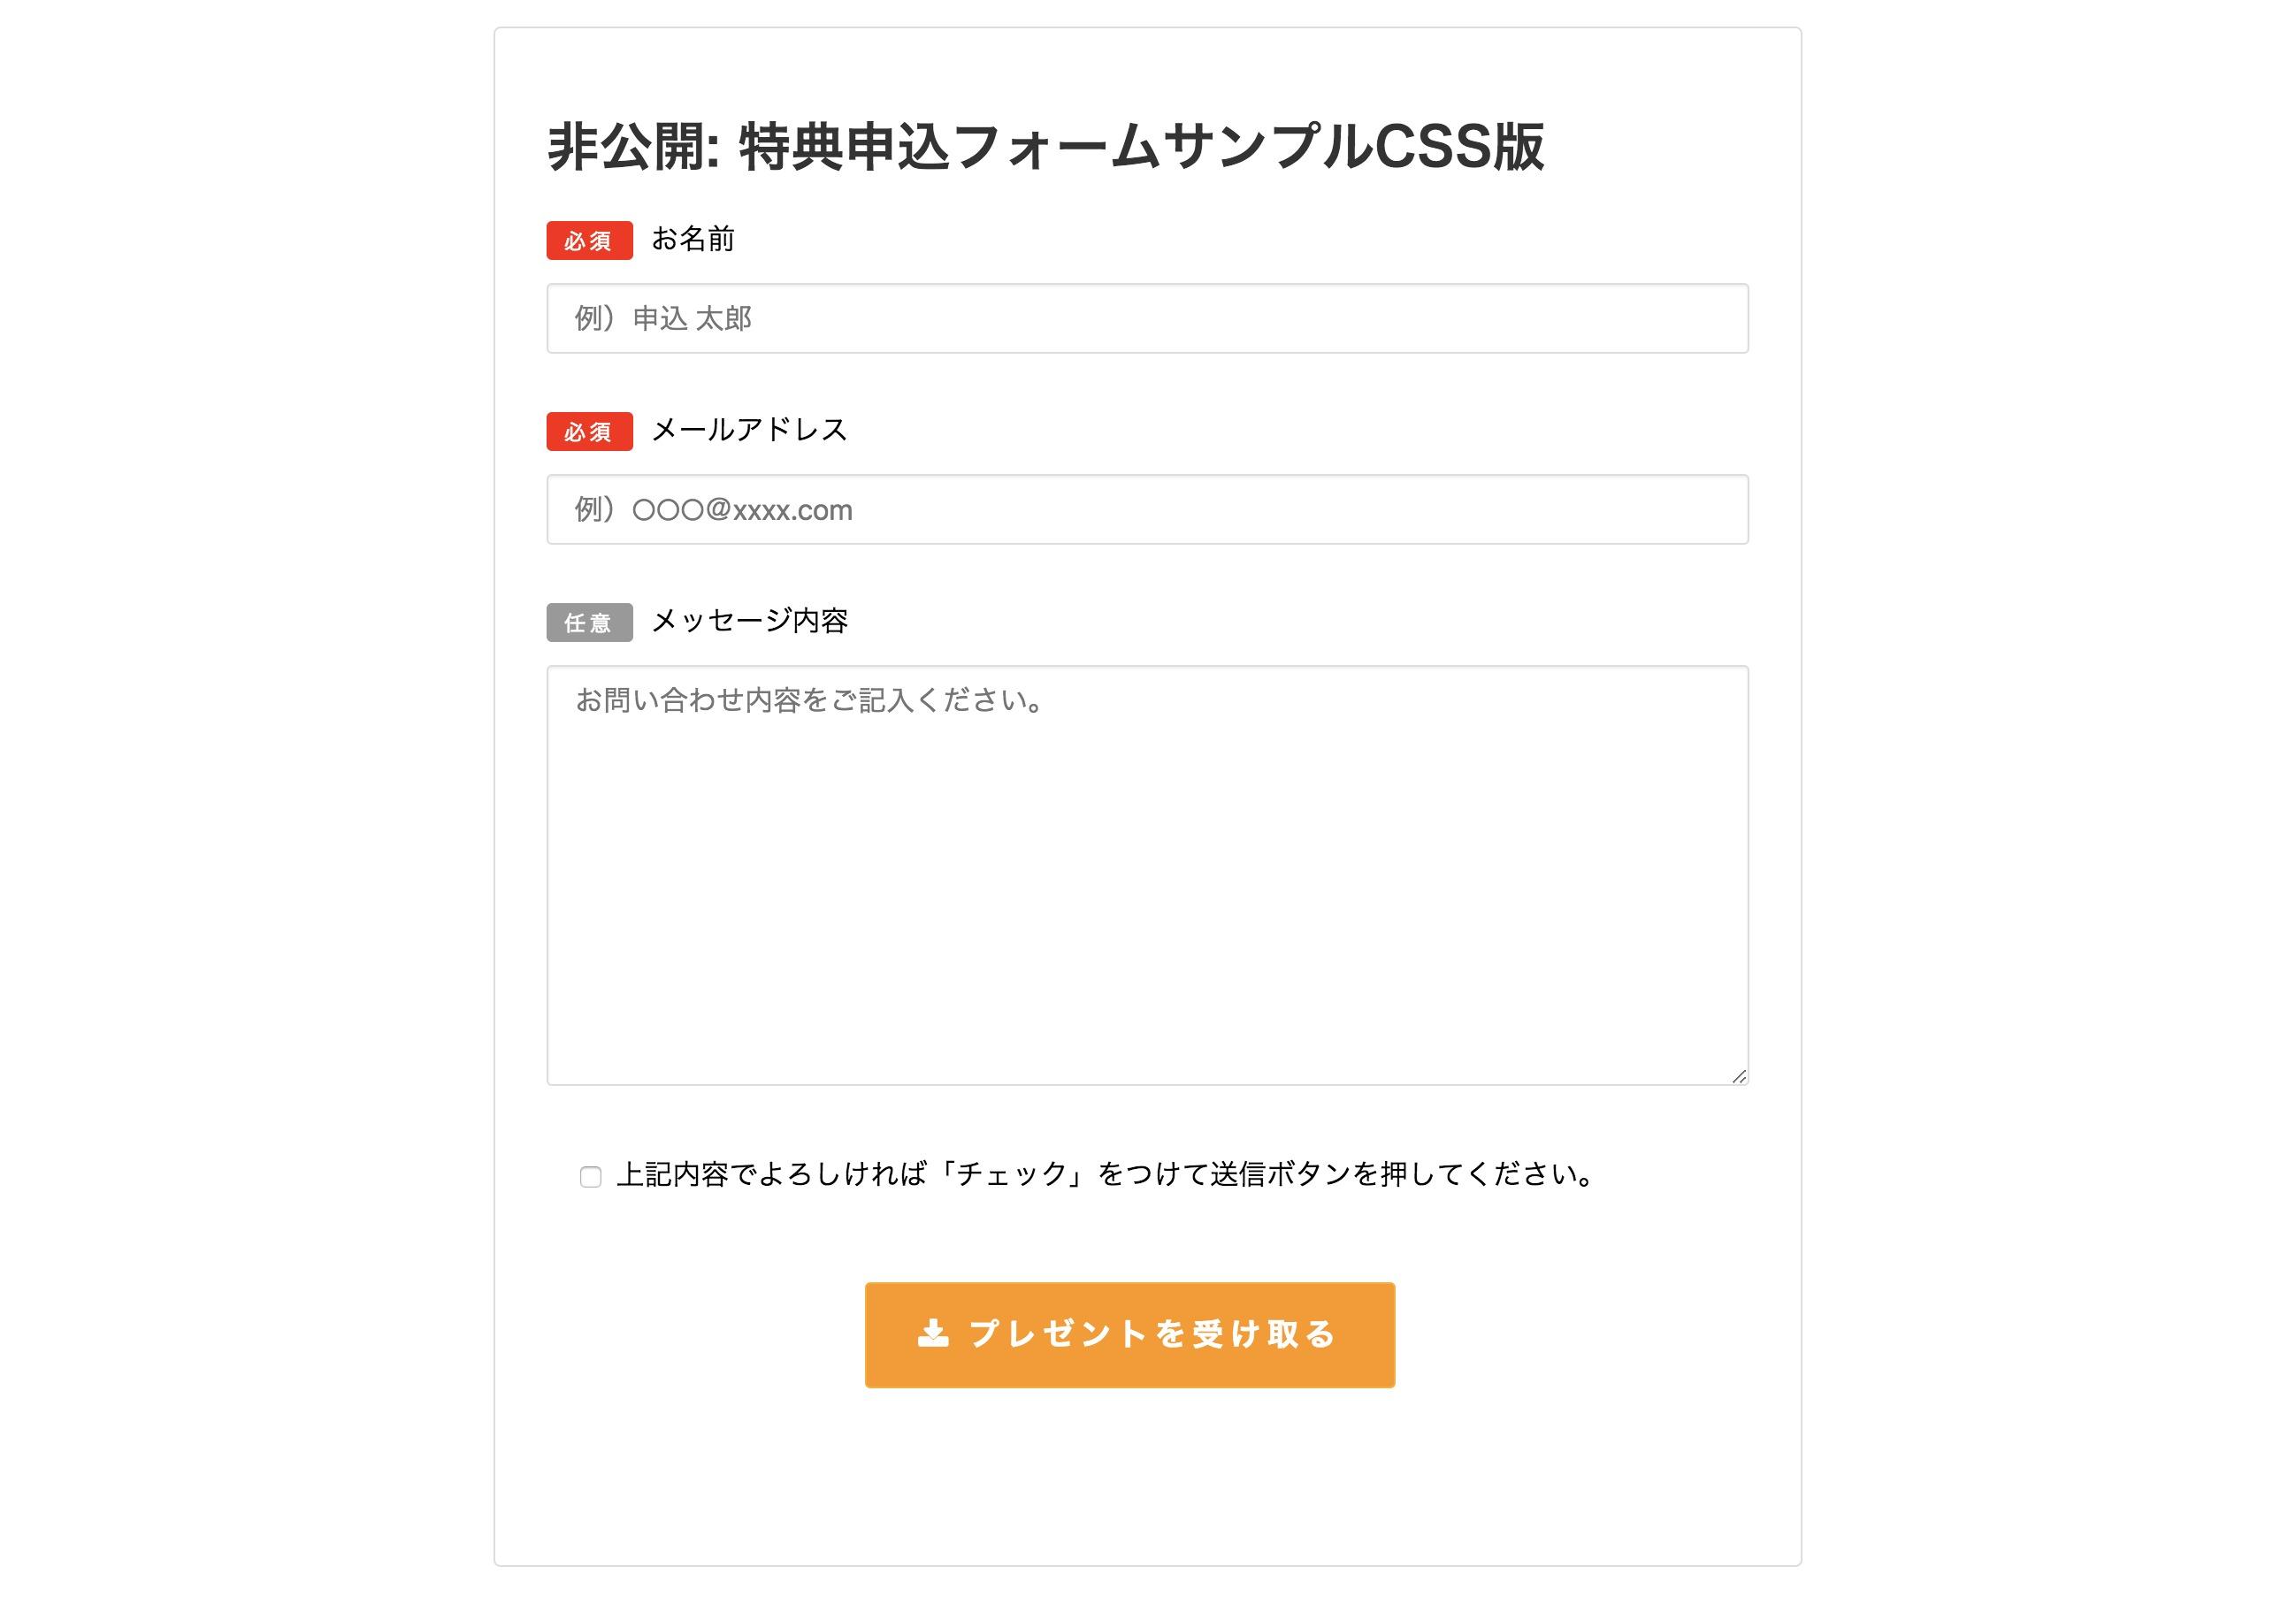 特典申込フォームサンプルCSS版